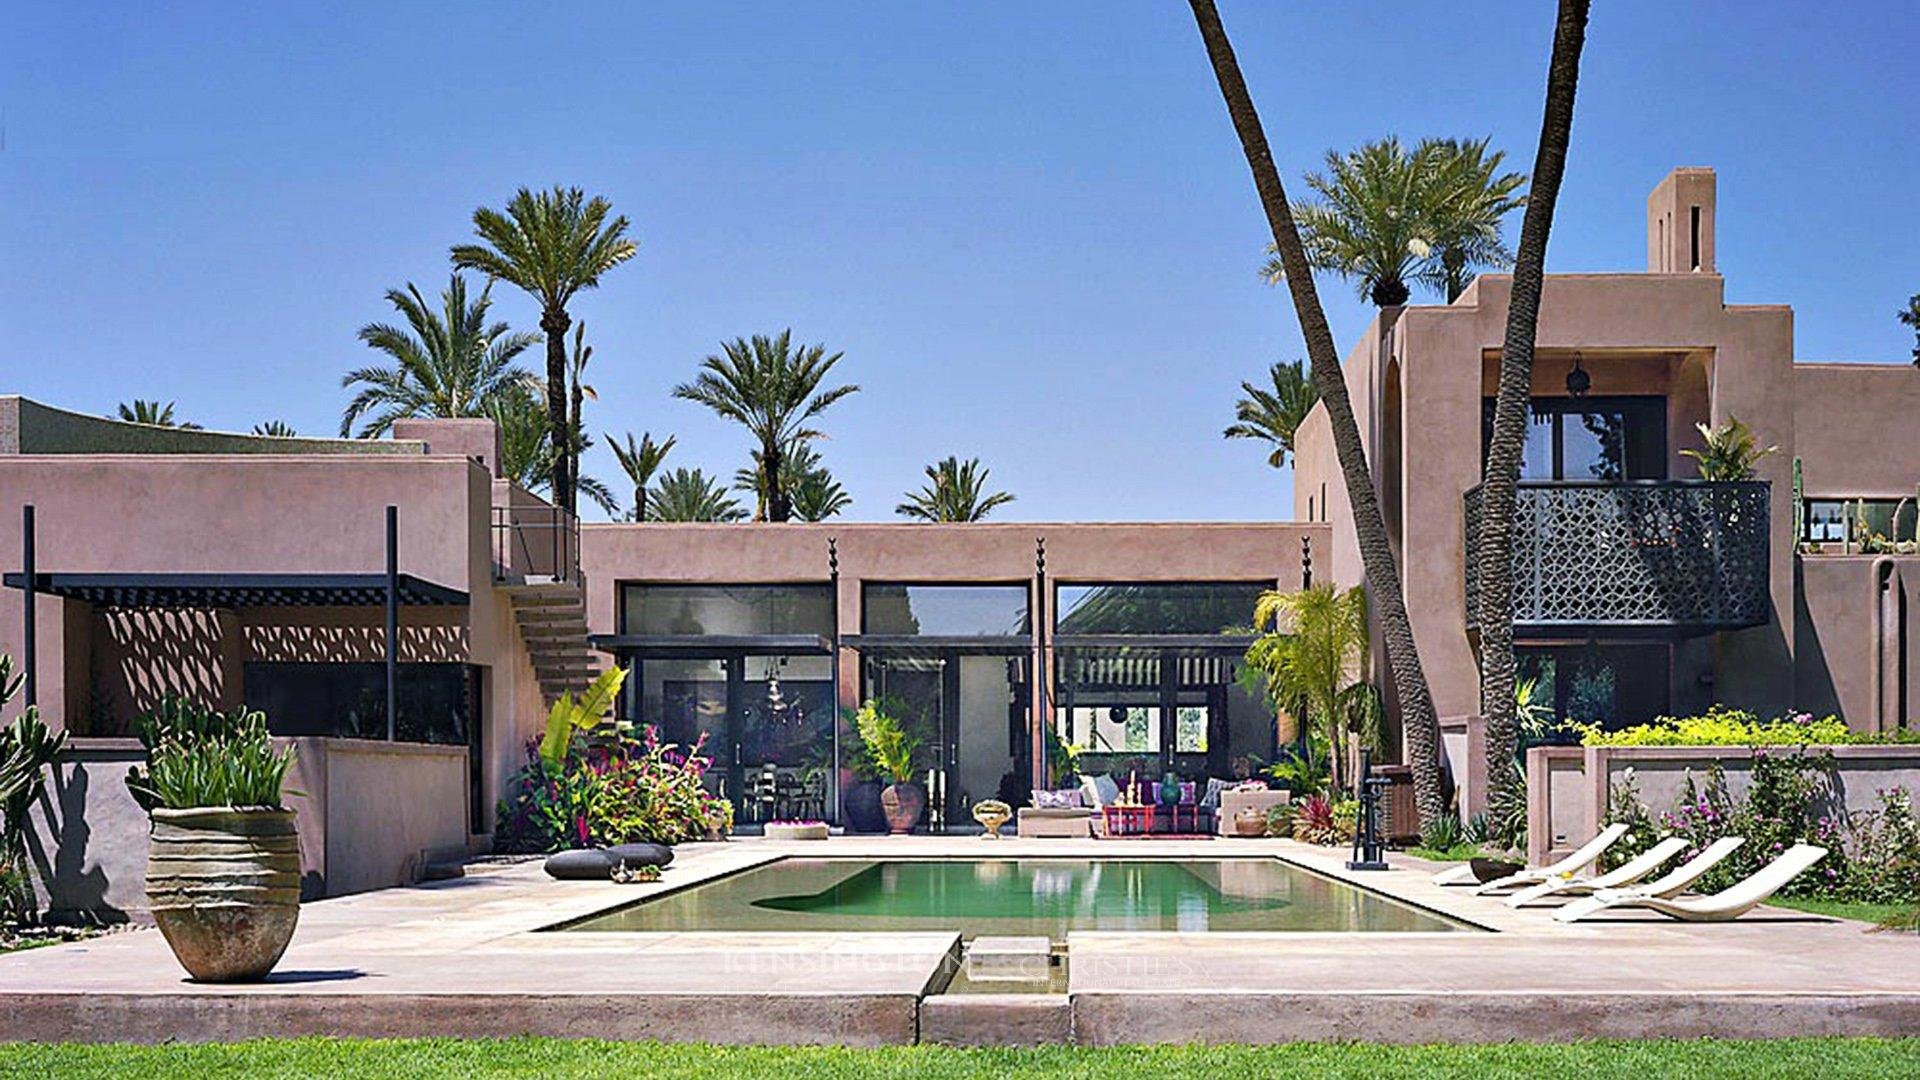 Villas de luxe vendre au maroc kensington maroc for Architecture traditionnelle scandinave